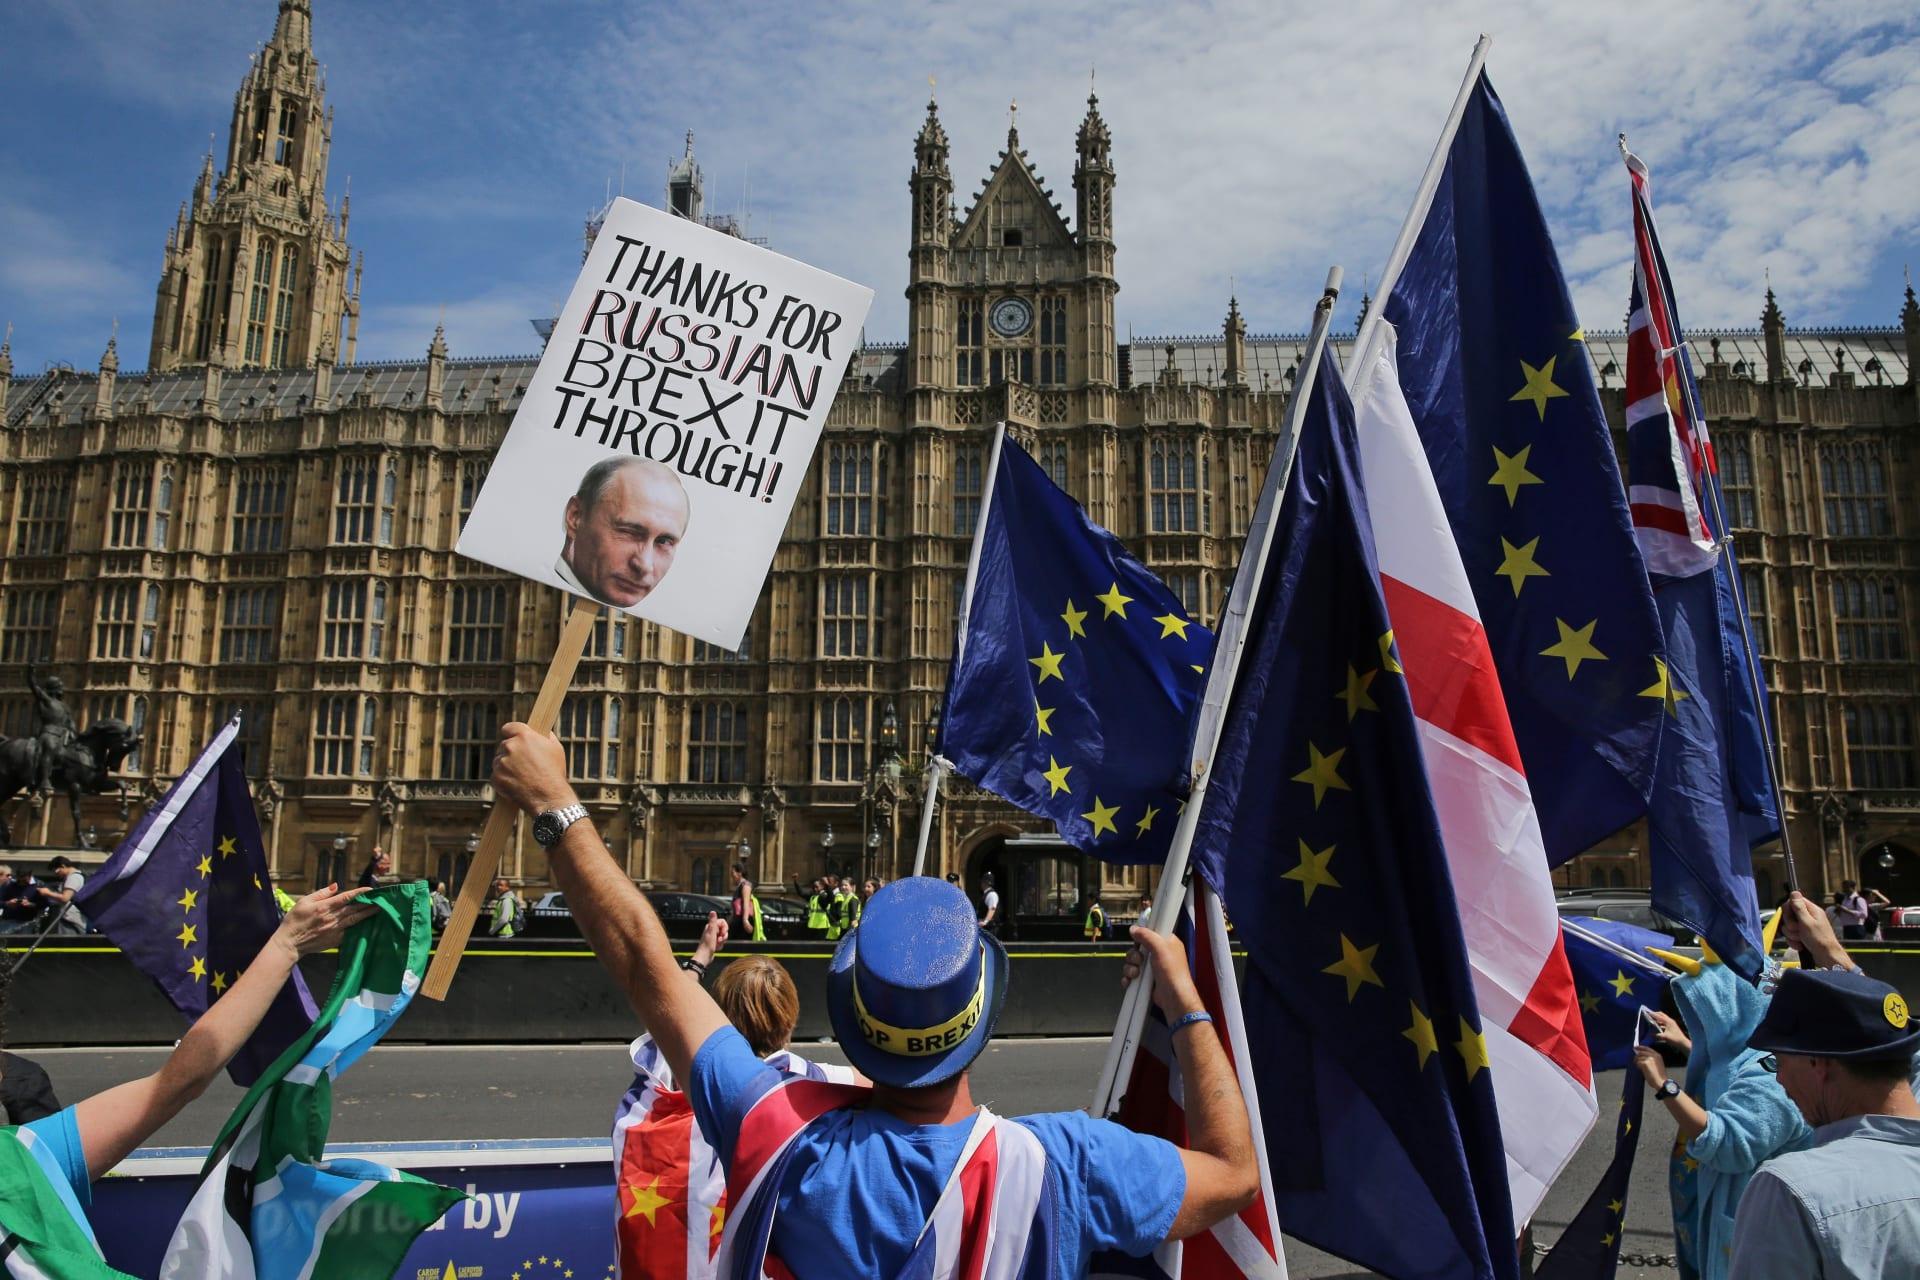 تقرير برلماني بريطاني يتهم الحكومة والاستخبارات بالتقاعس في مواجهة التدخلات الروسية